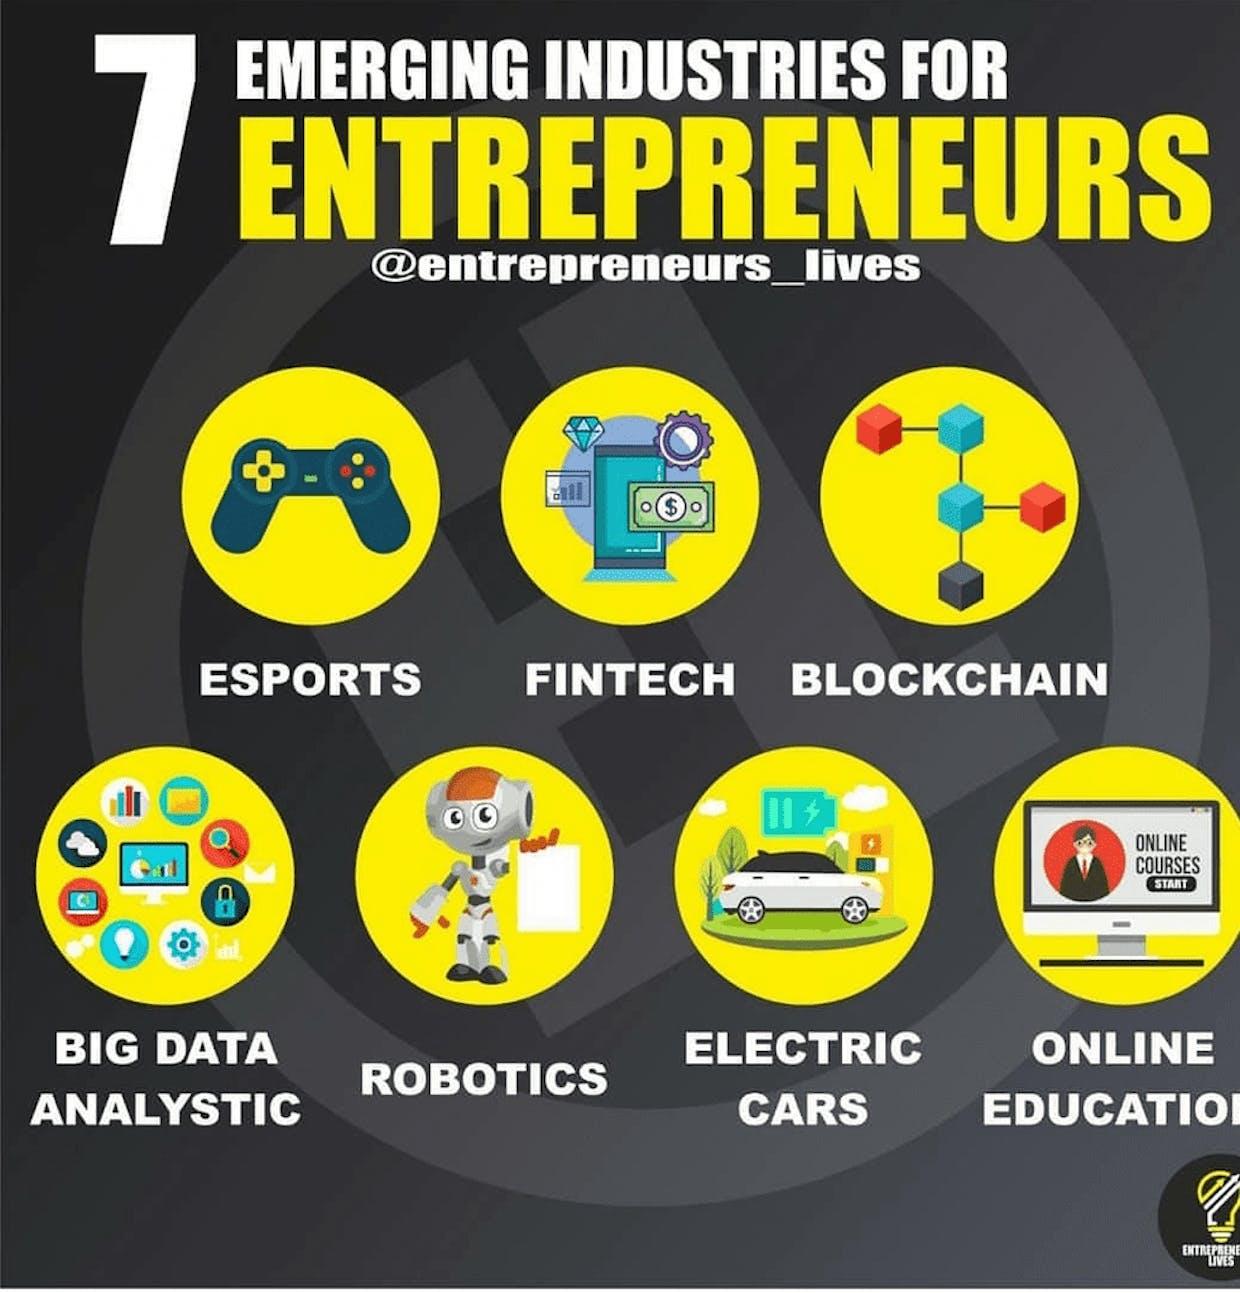 Industries for entrepreneurs